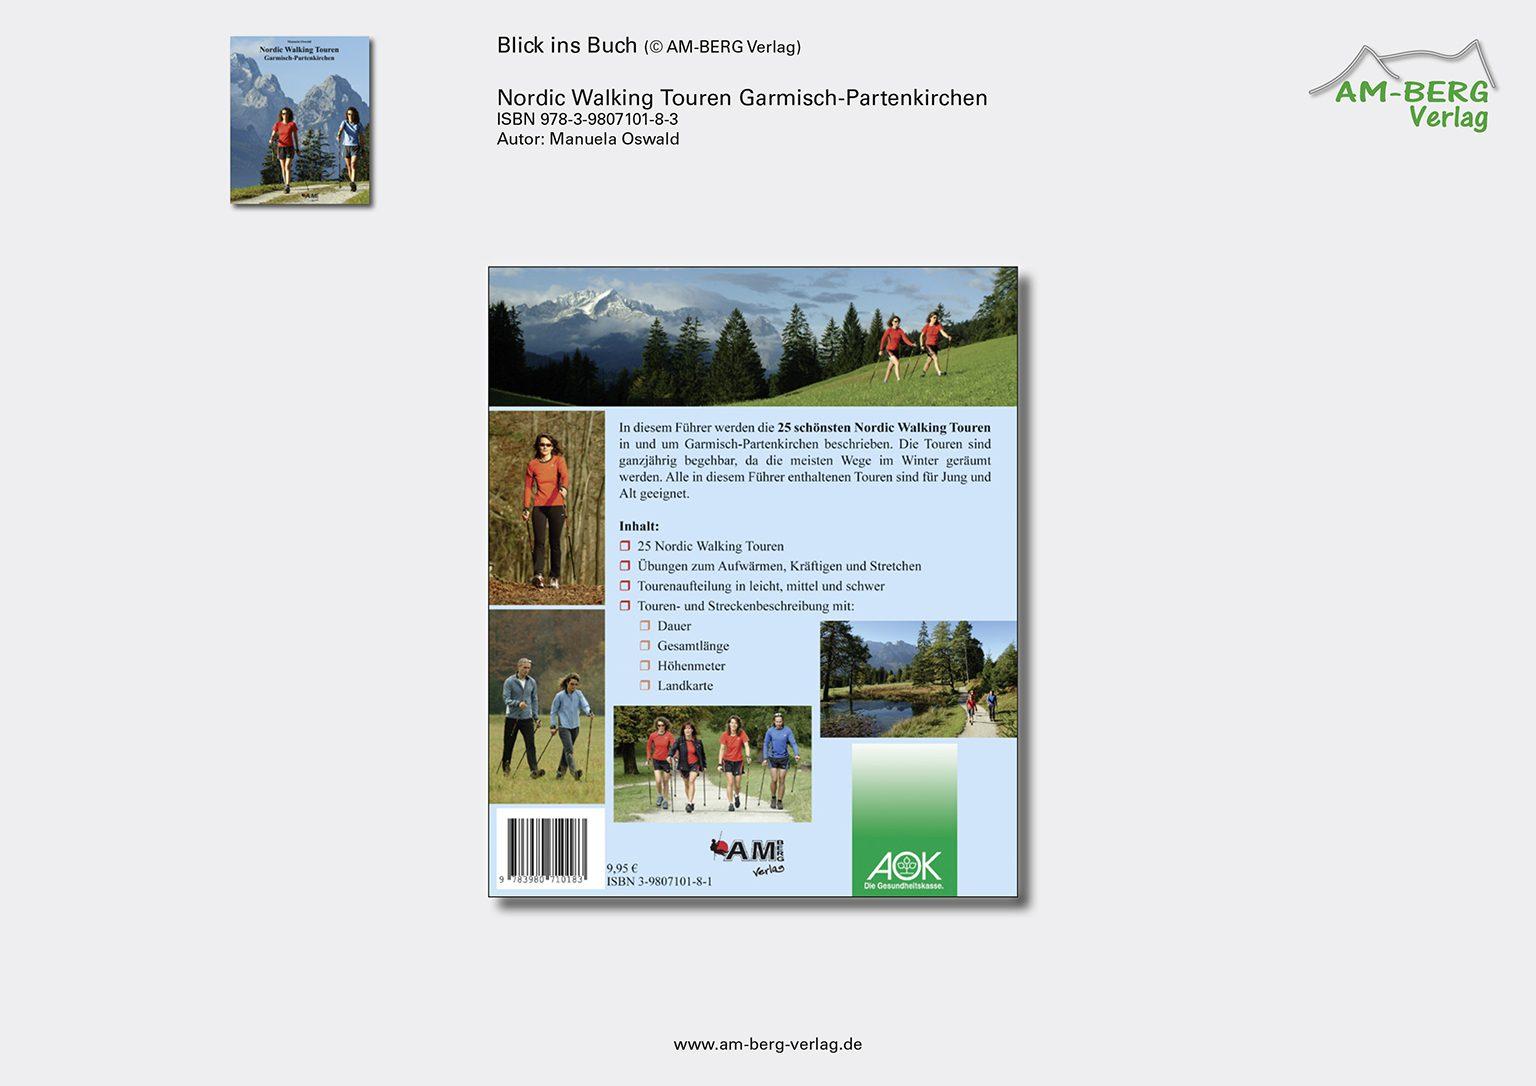 Nordic Walking Touren Garmisch-Partenkirchen_Rückseite Buch